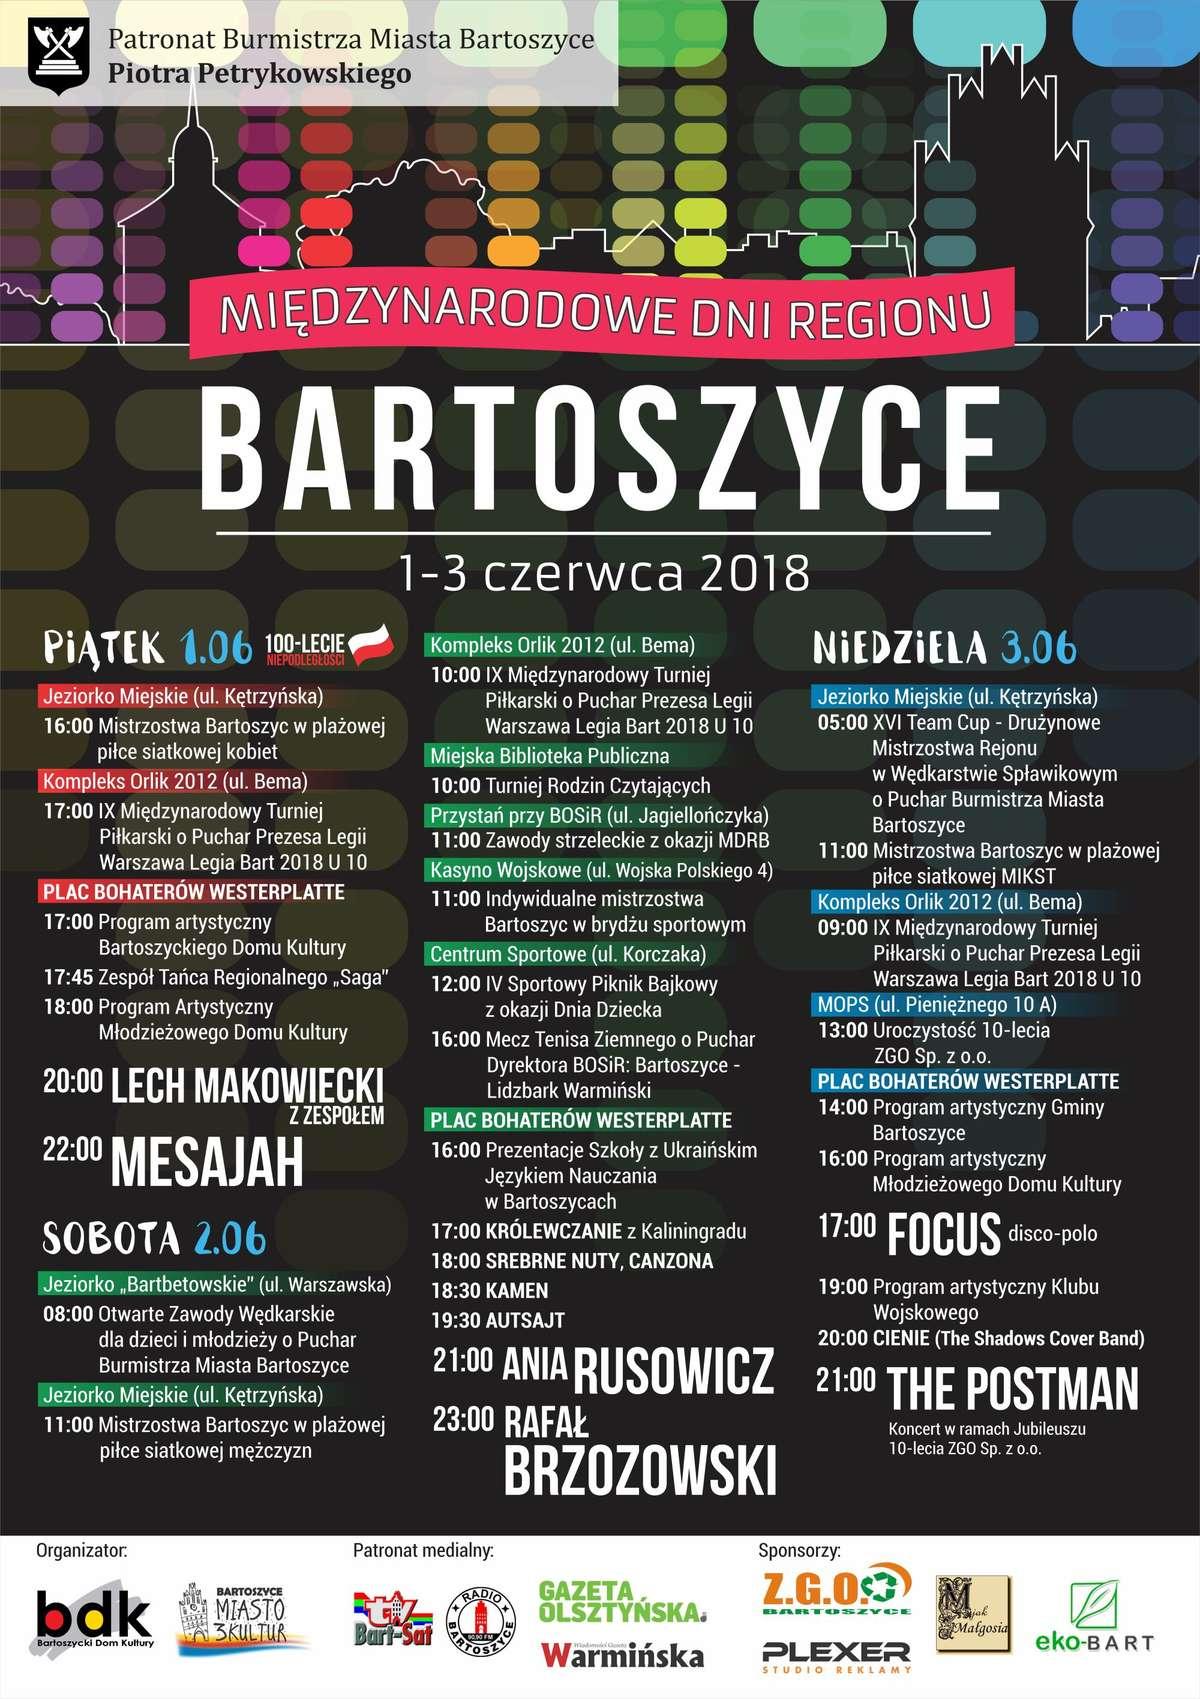 Międzynarodowe Dni Regionu Bartoszyce 2018 - full image